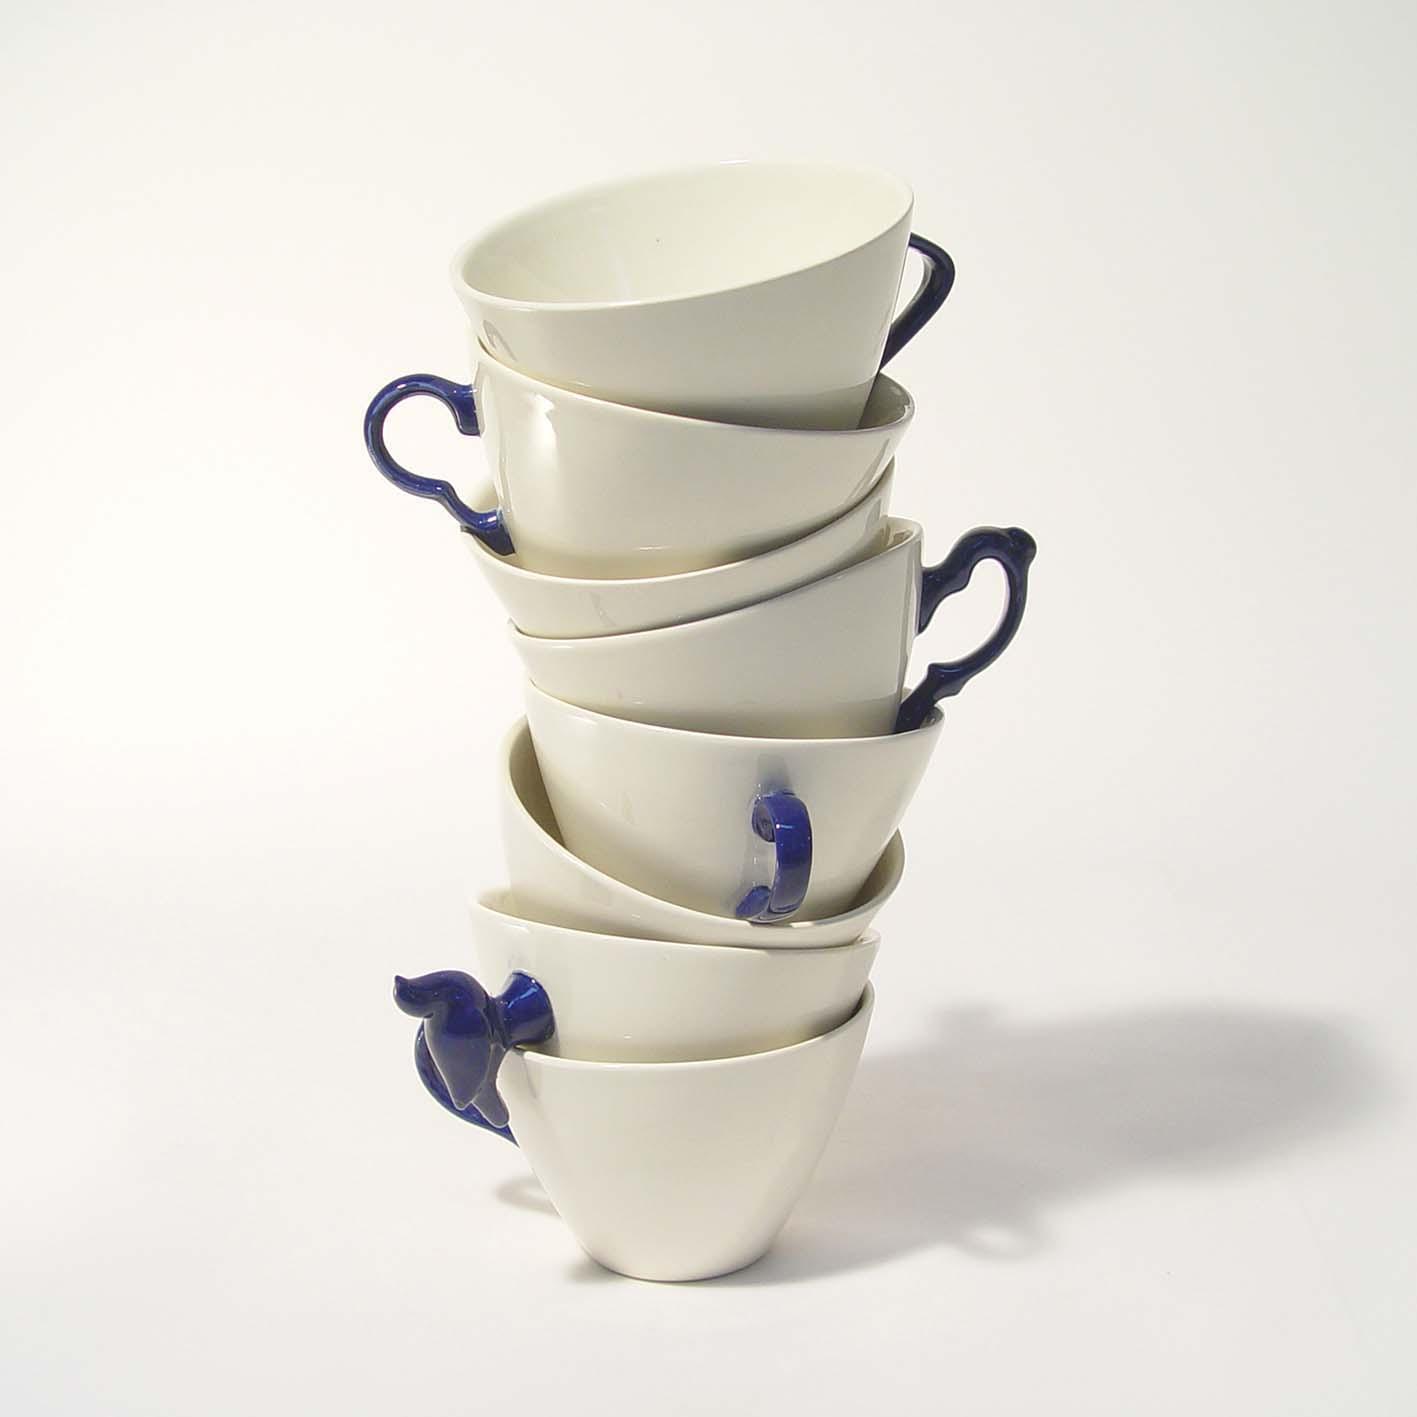 ceramique_Royal Boch_Lucile Soufflet_2